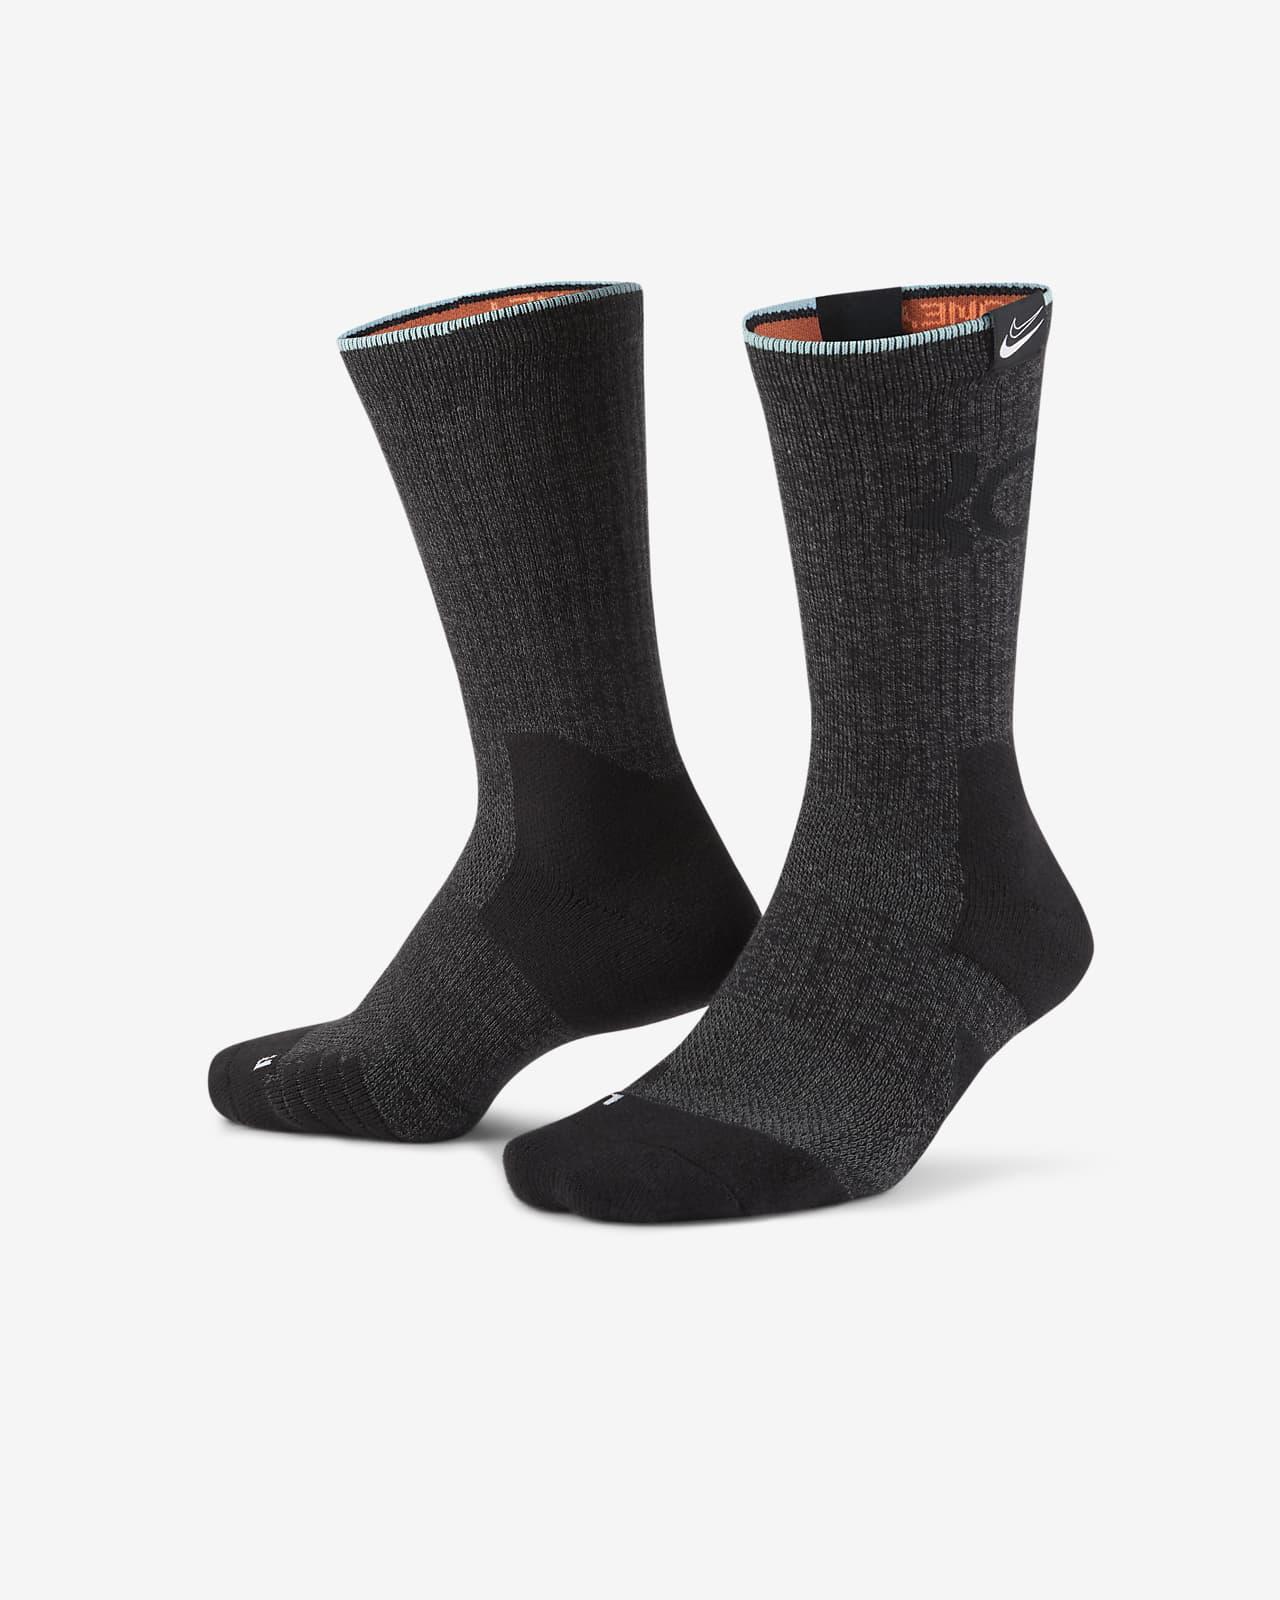 Κάλτσες μπάσκετ μεσαίου ύψους KD Elite